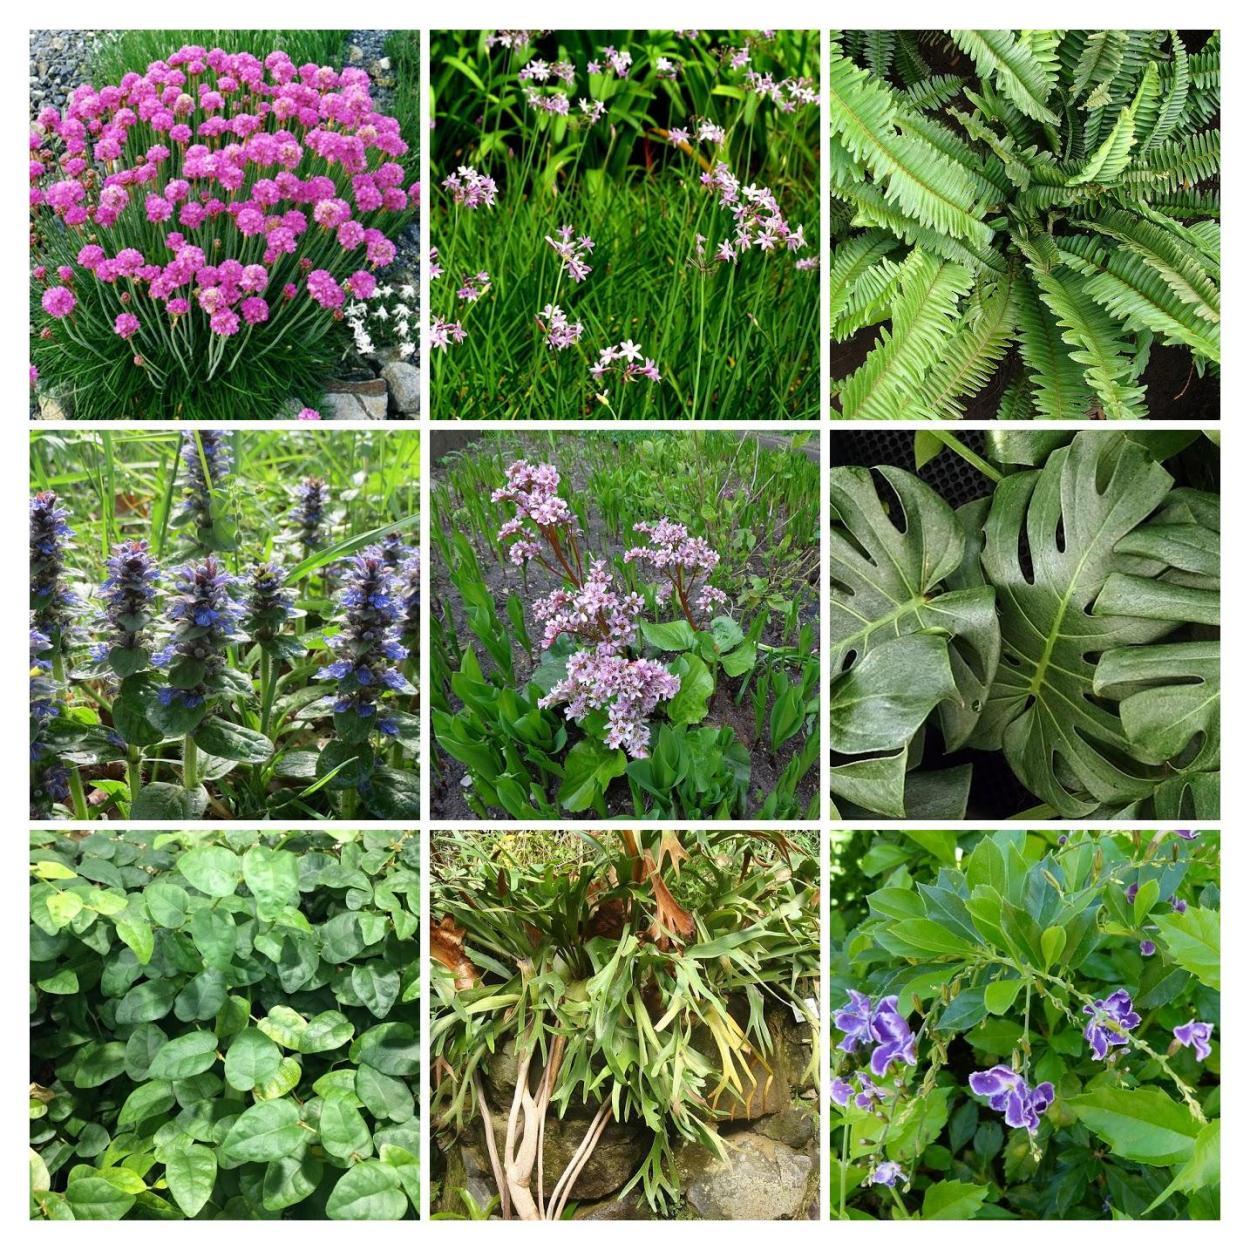 Las 10 especies que mejor funcionan en jardines verticales for Beneficios de los jardines verticales